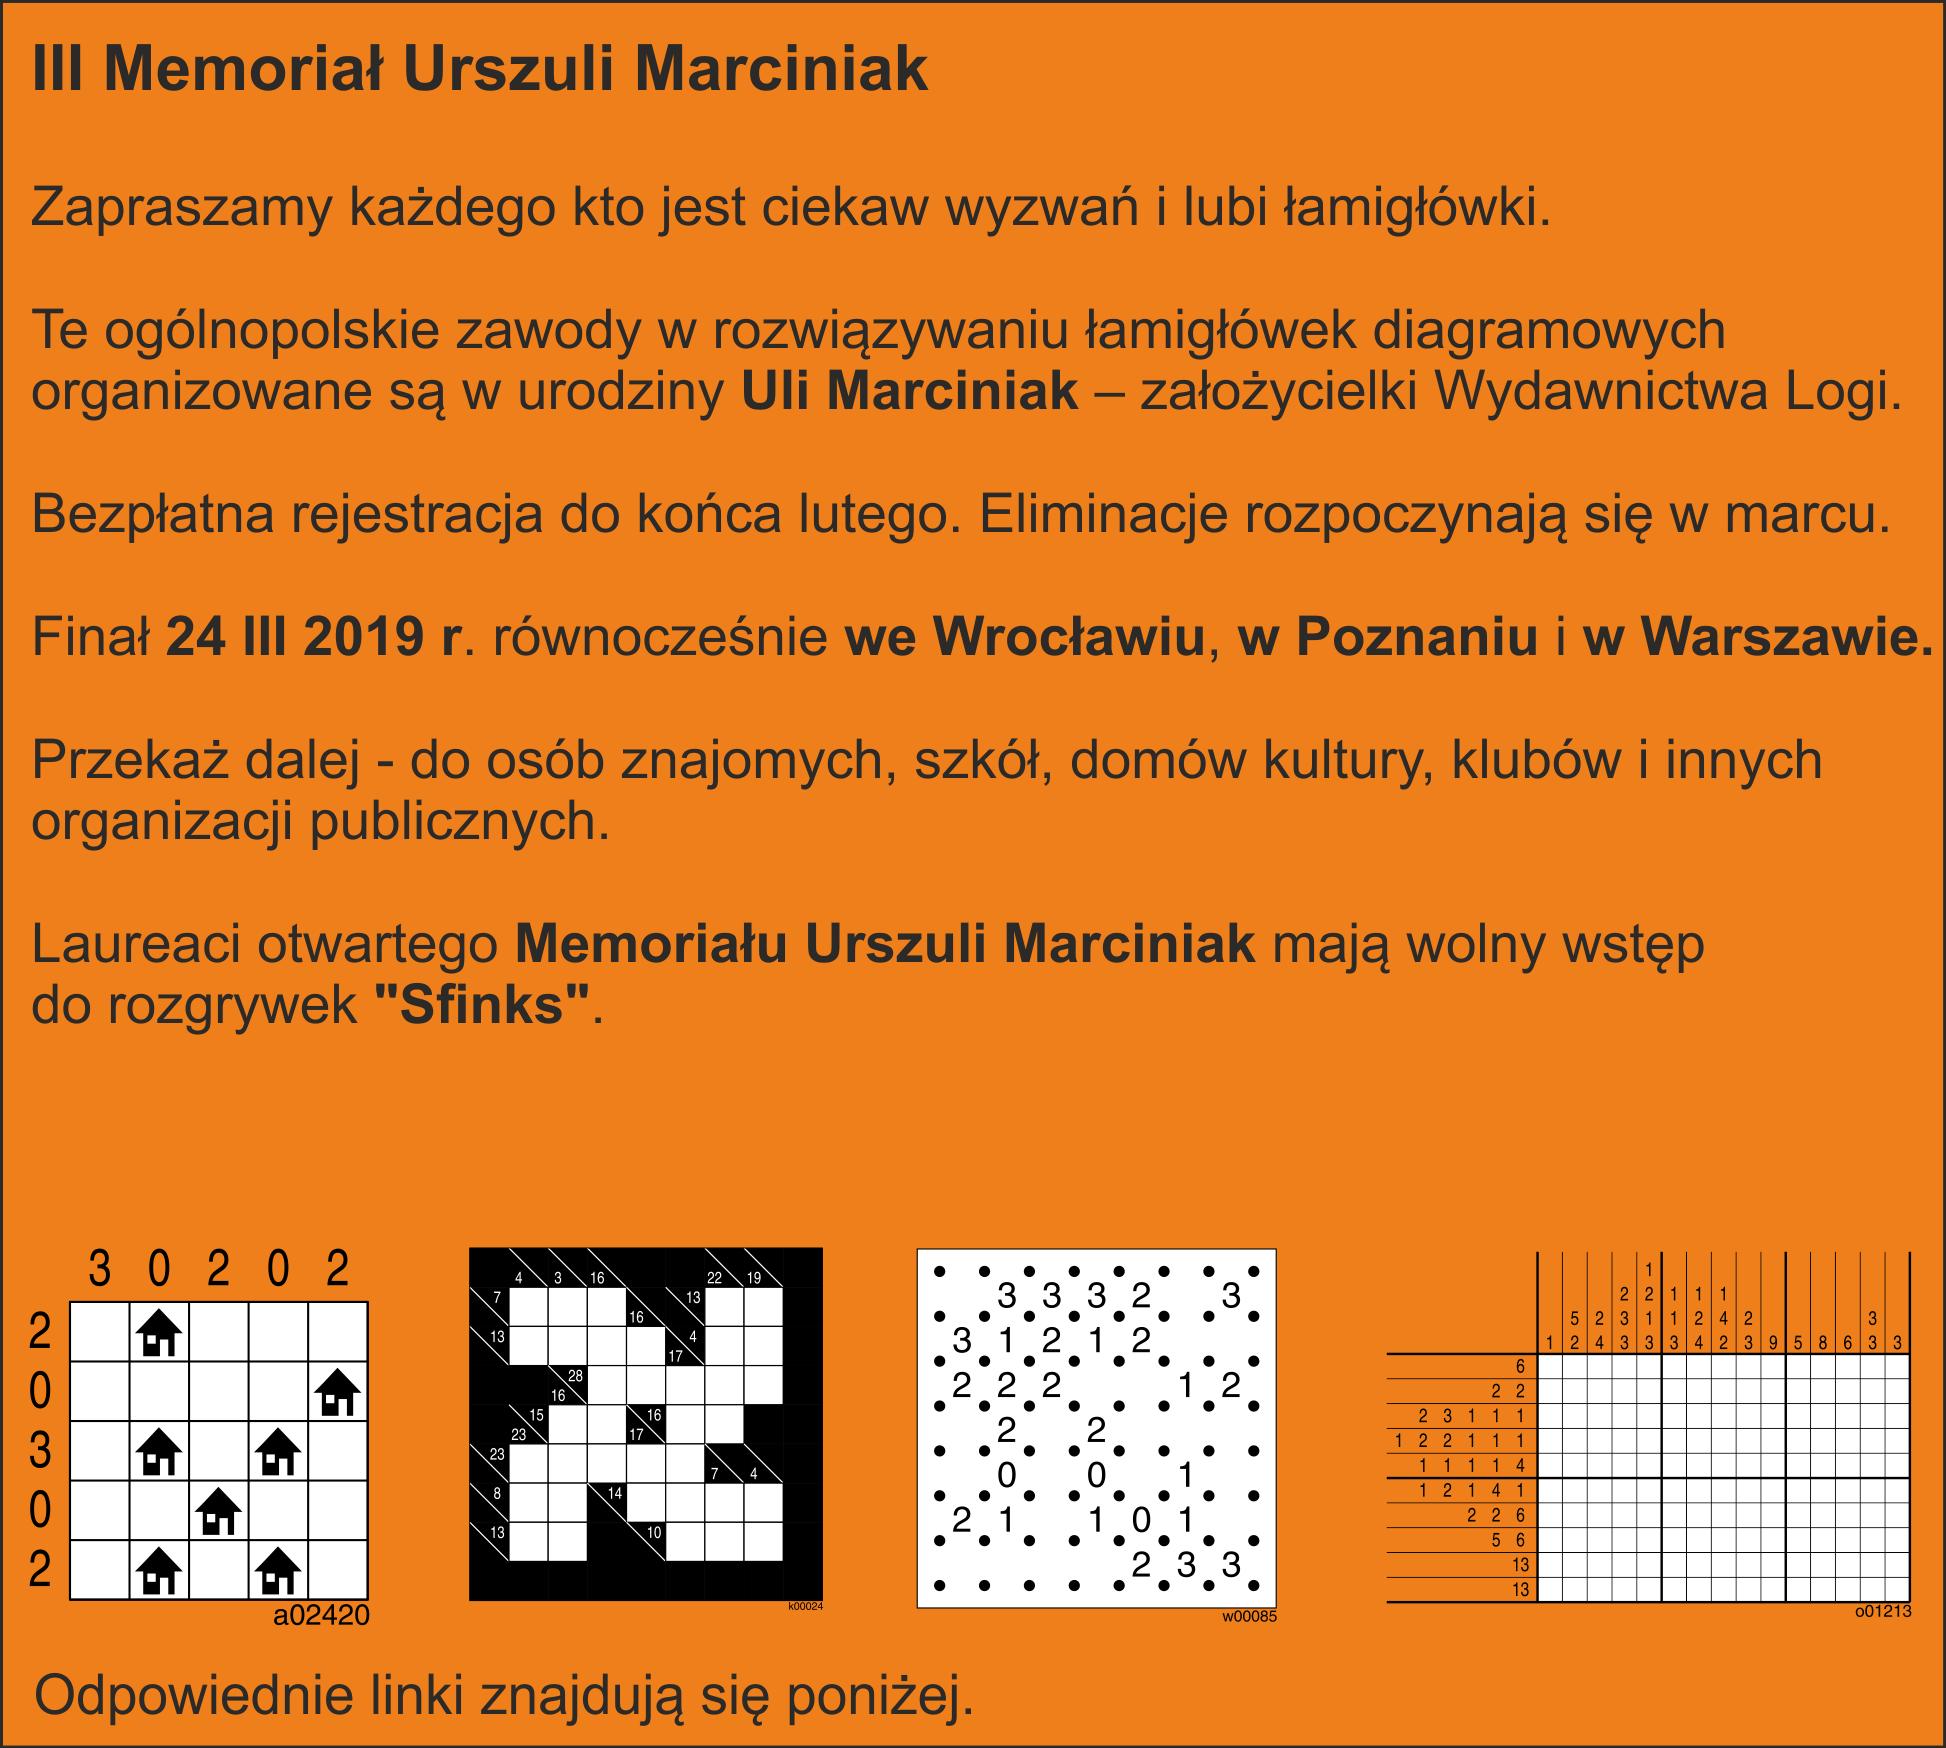 III Memoriał Urszuli Marciniak